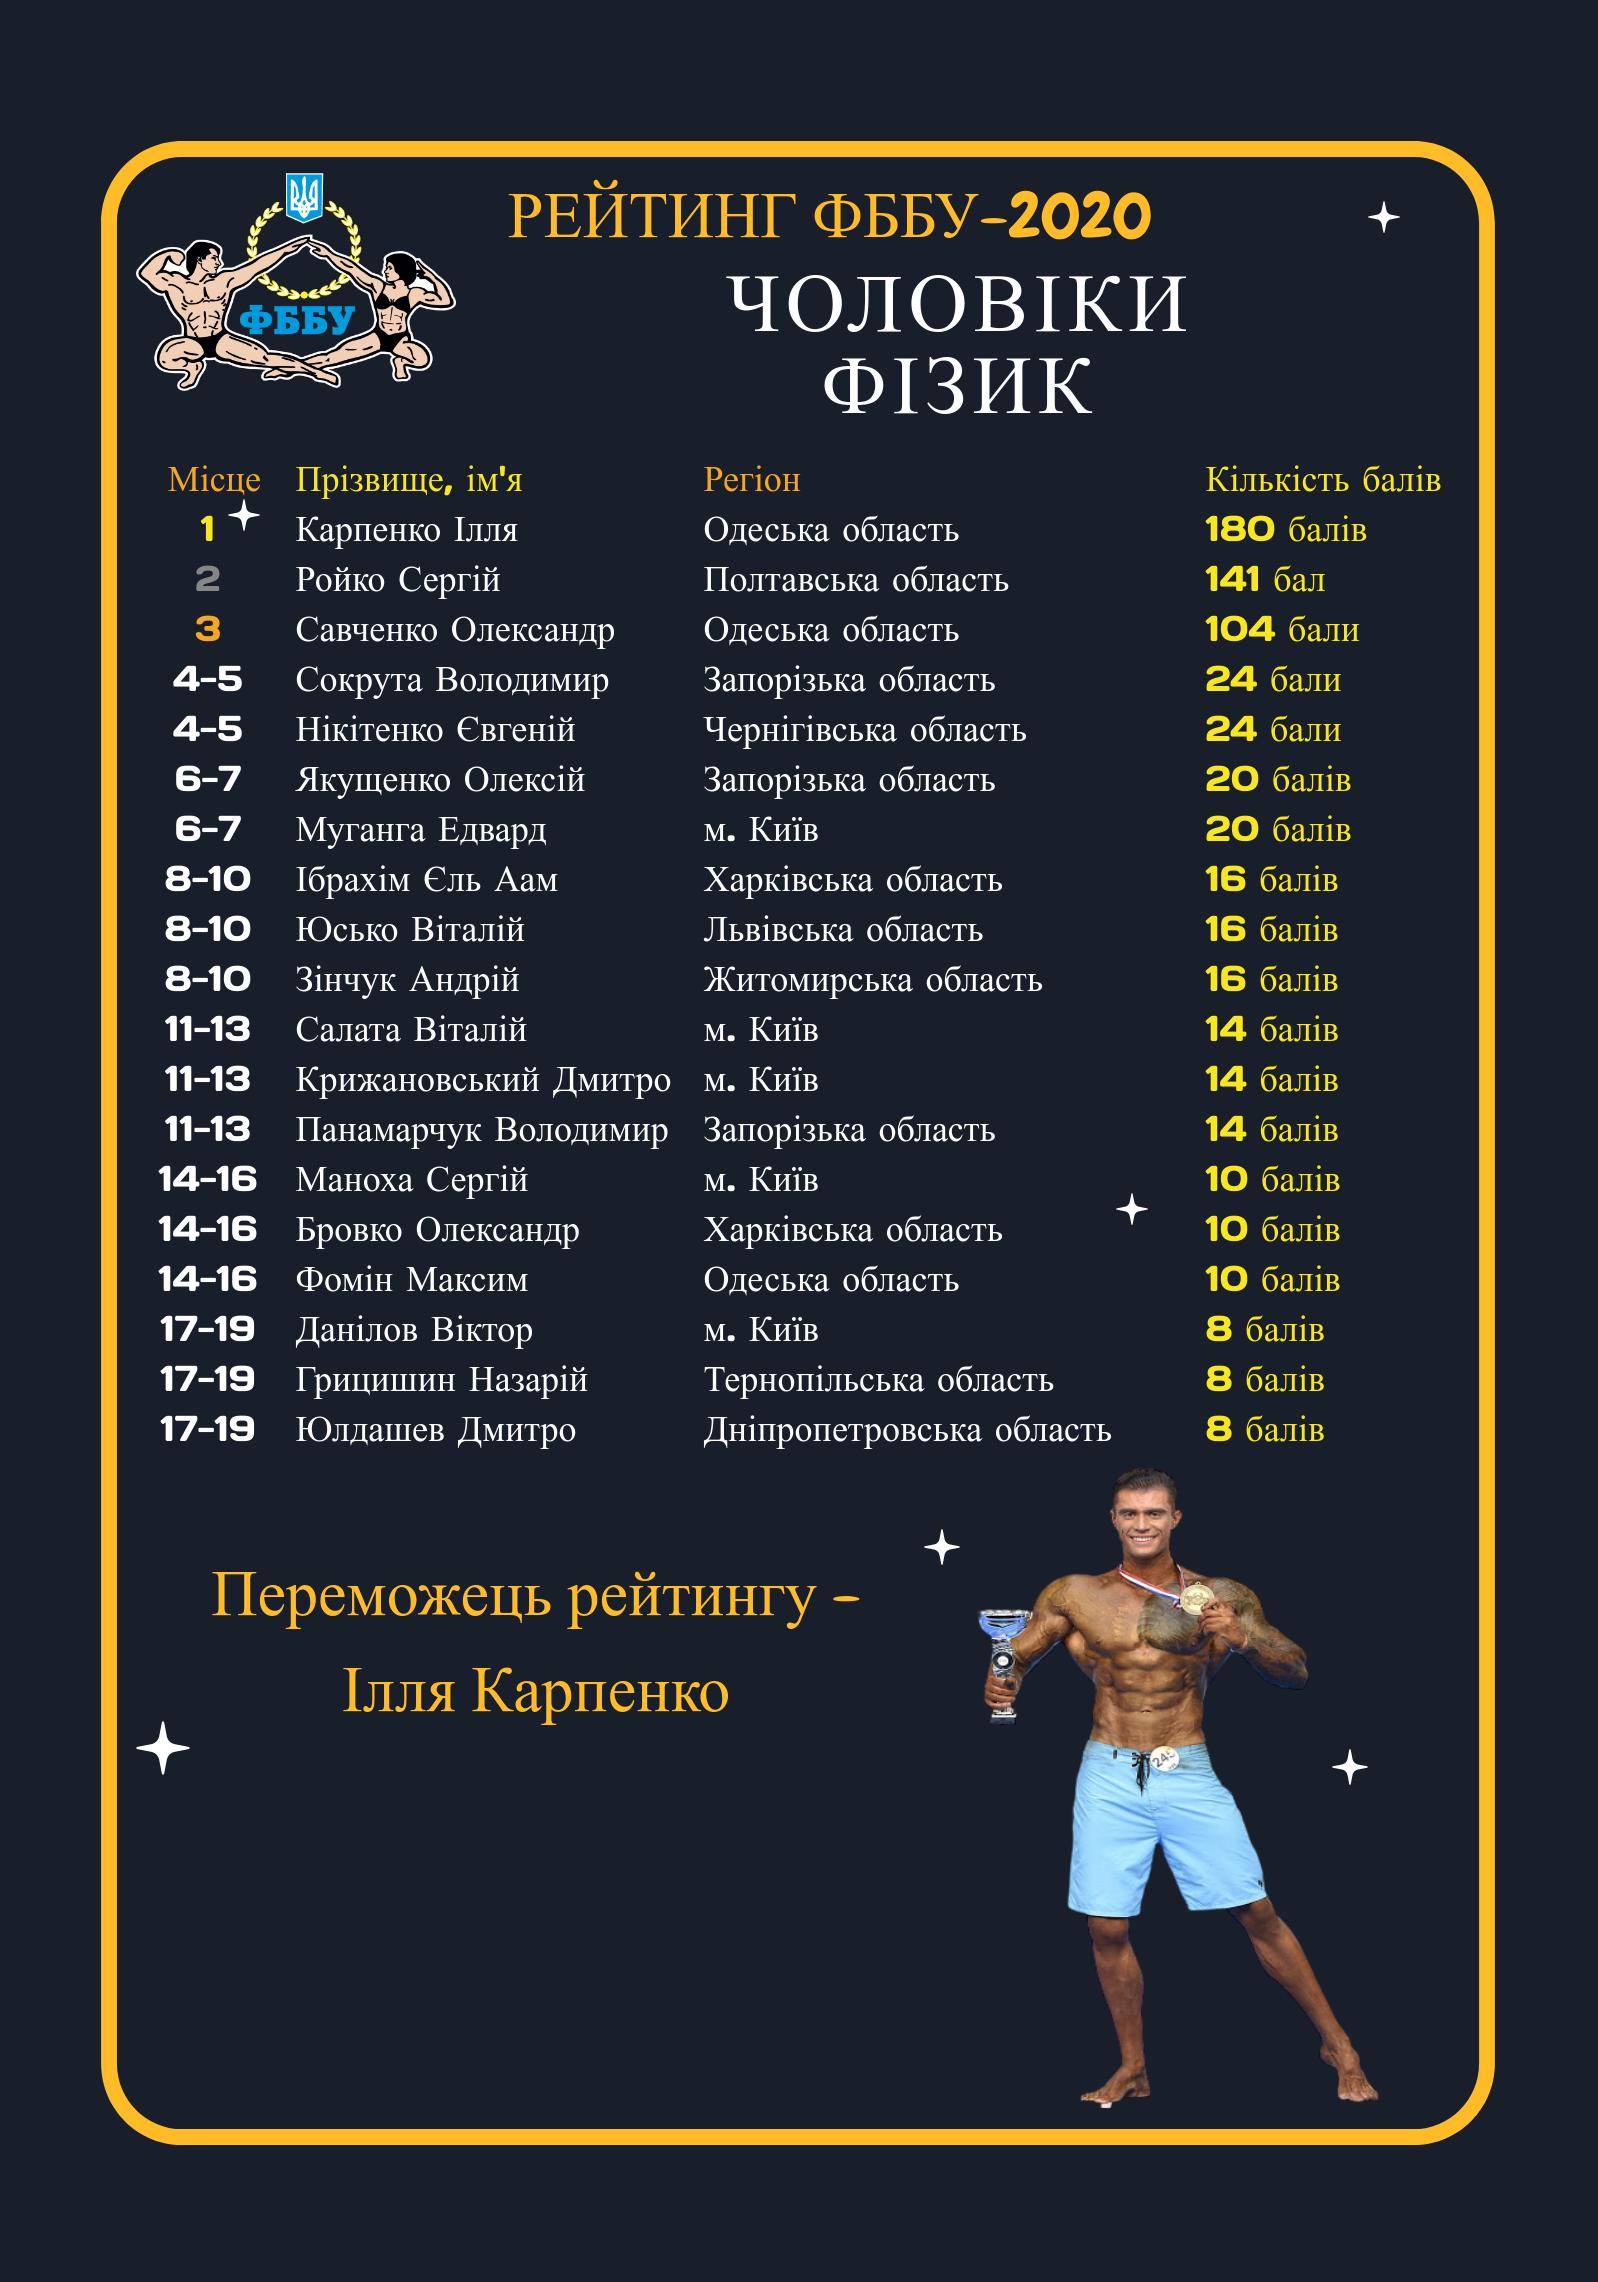 Рейтинг ФББУ 2020